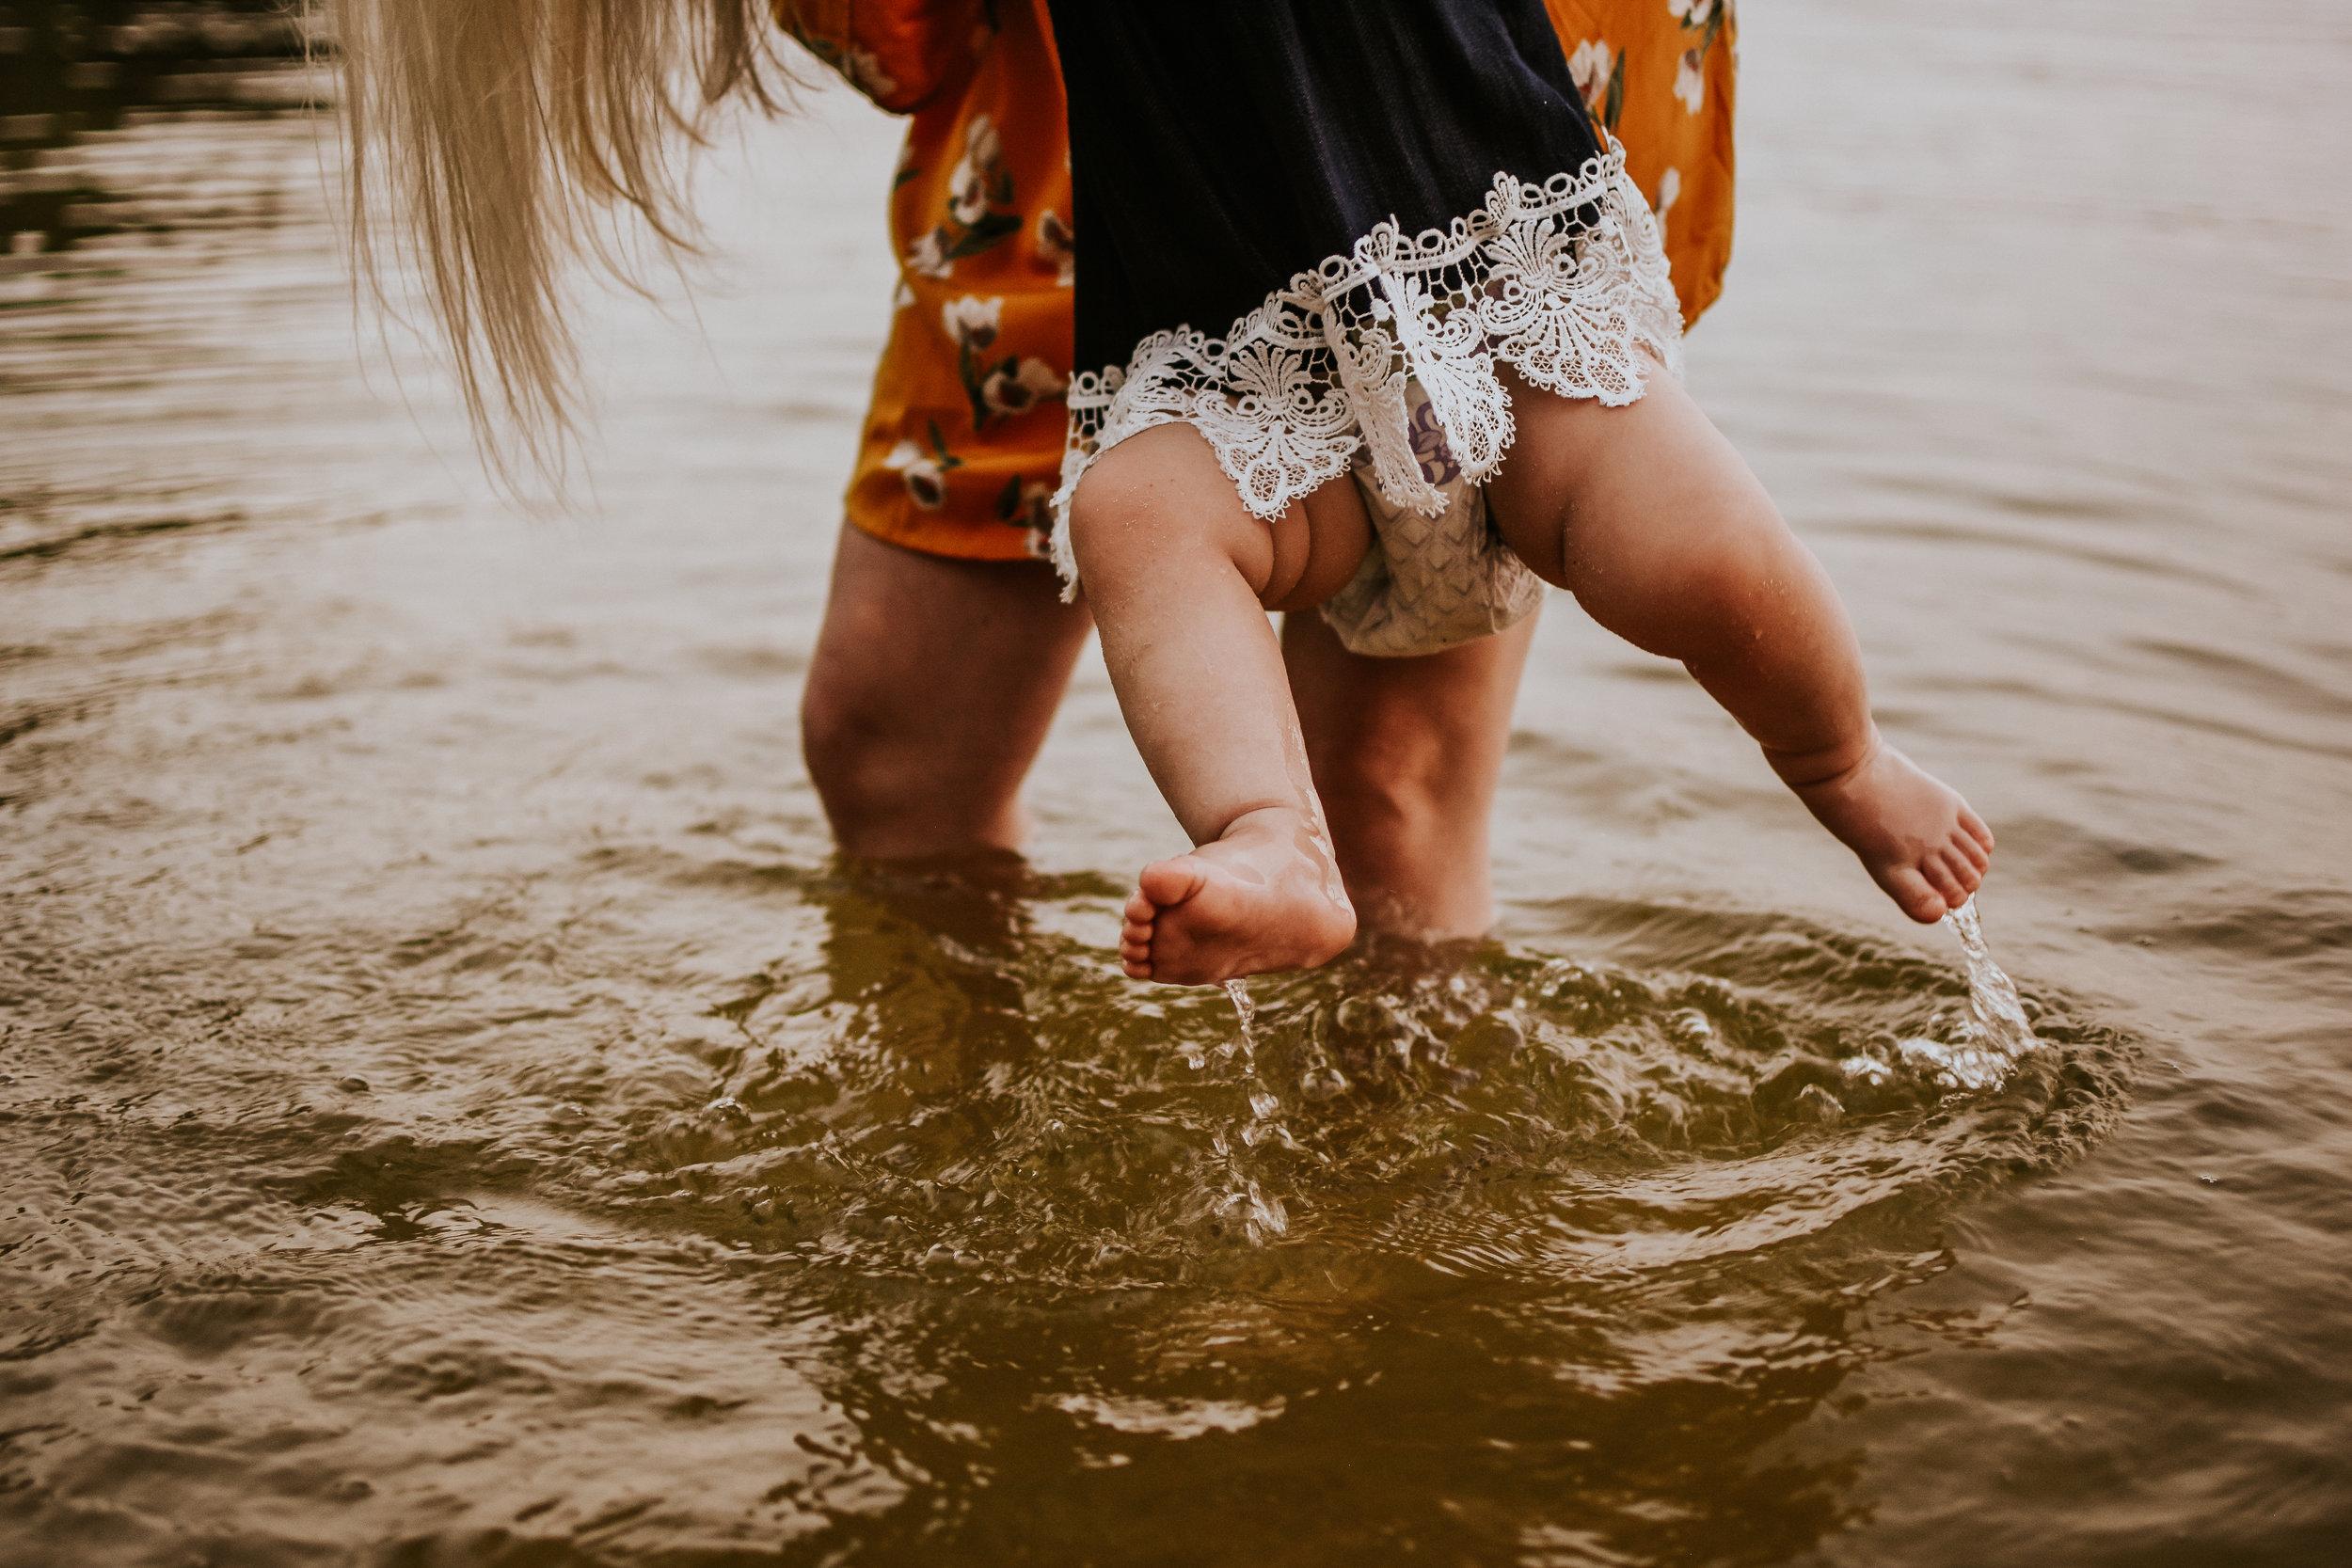 CrestviewFloridaLifestylePhotographer-MommyandMeSession-LakeJackson-FloralaAlabama-68.jpg